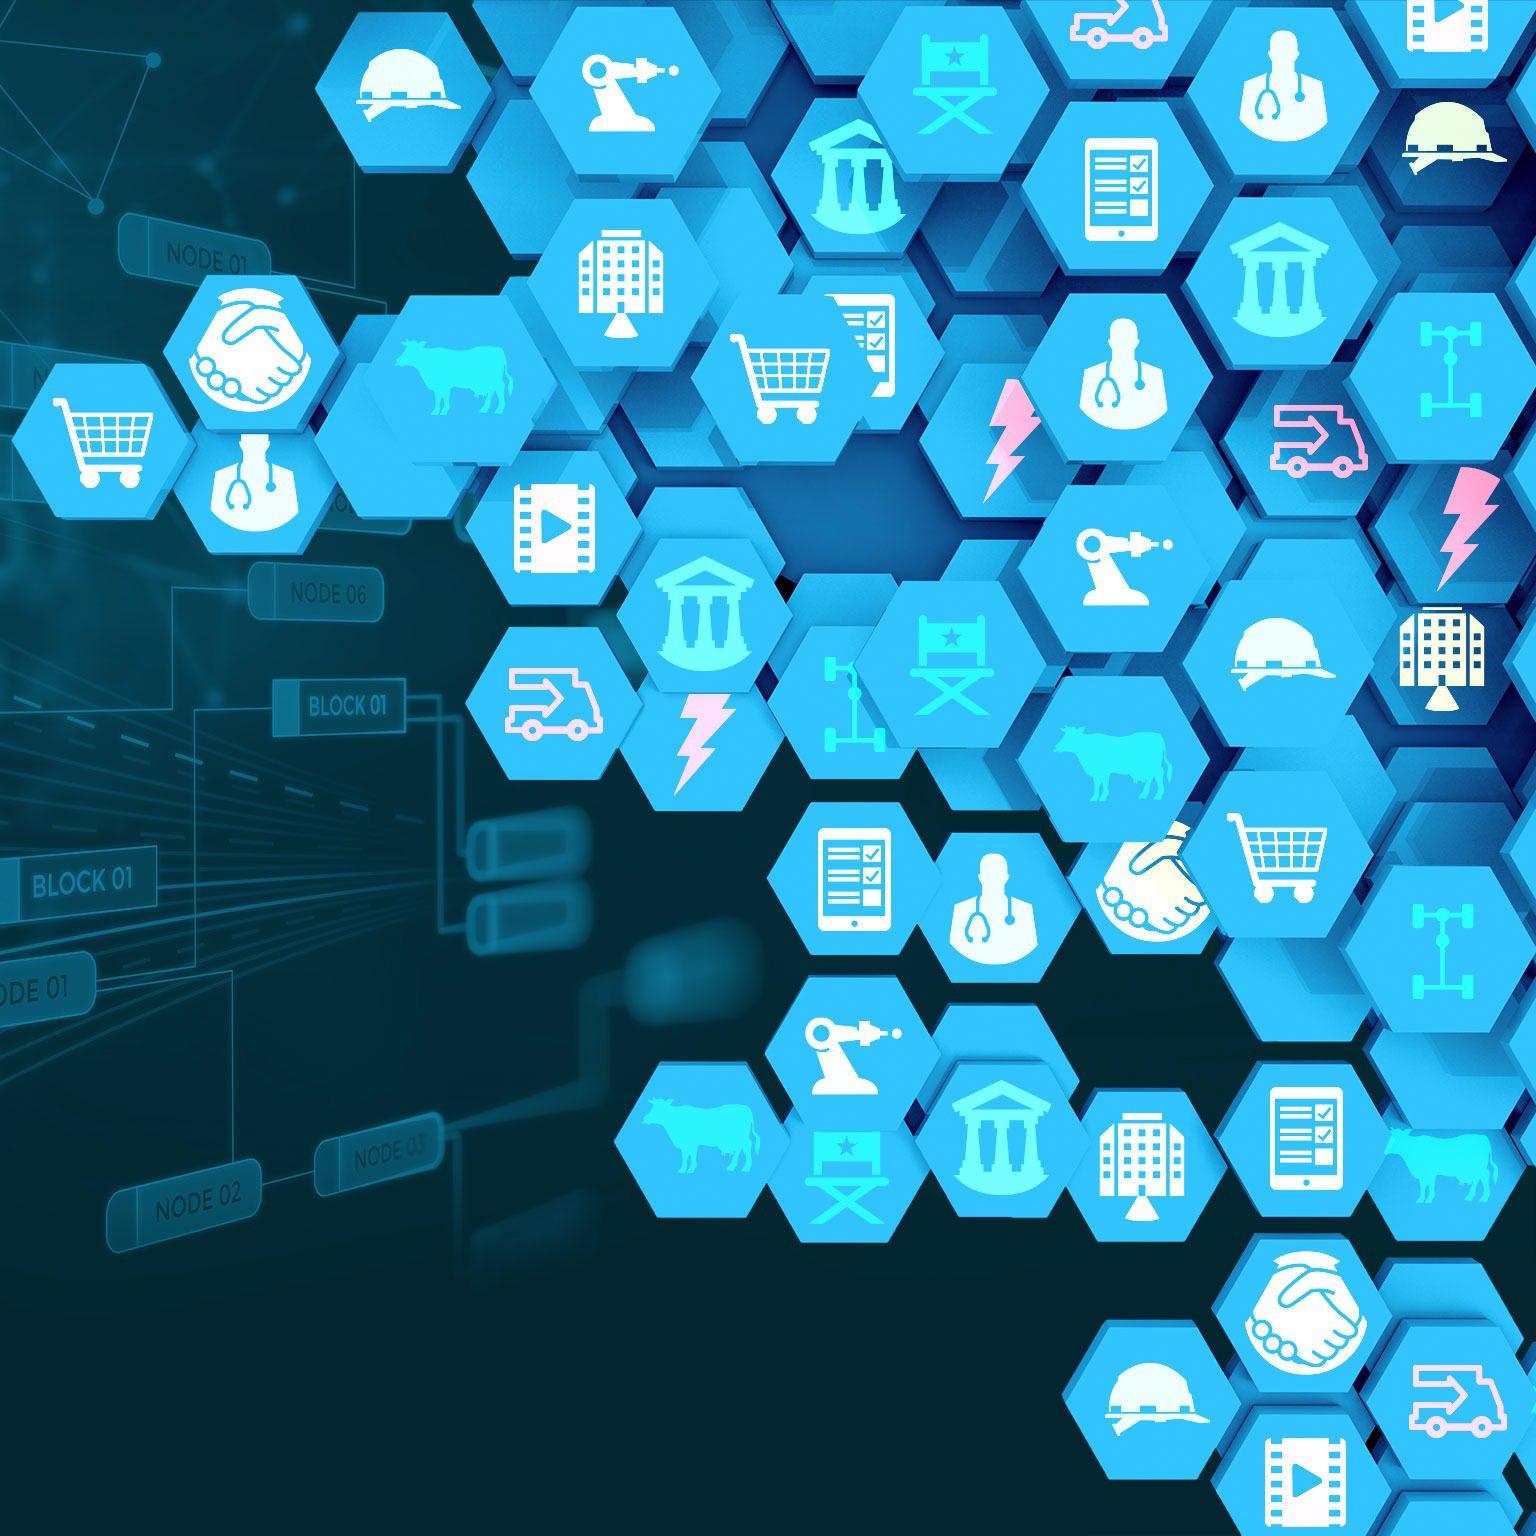 Aplicación de la tecnología blockchain en sectores como la banca, energía y salud será temática central en la cumbre ANON en Austria